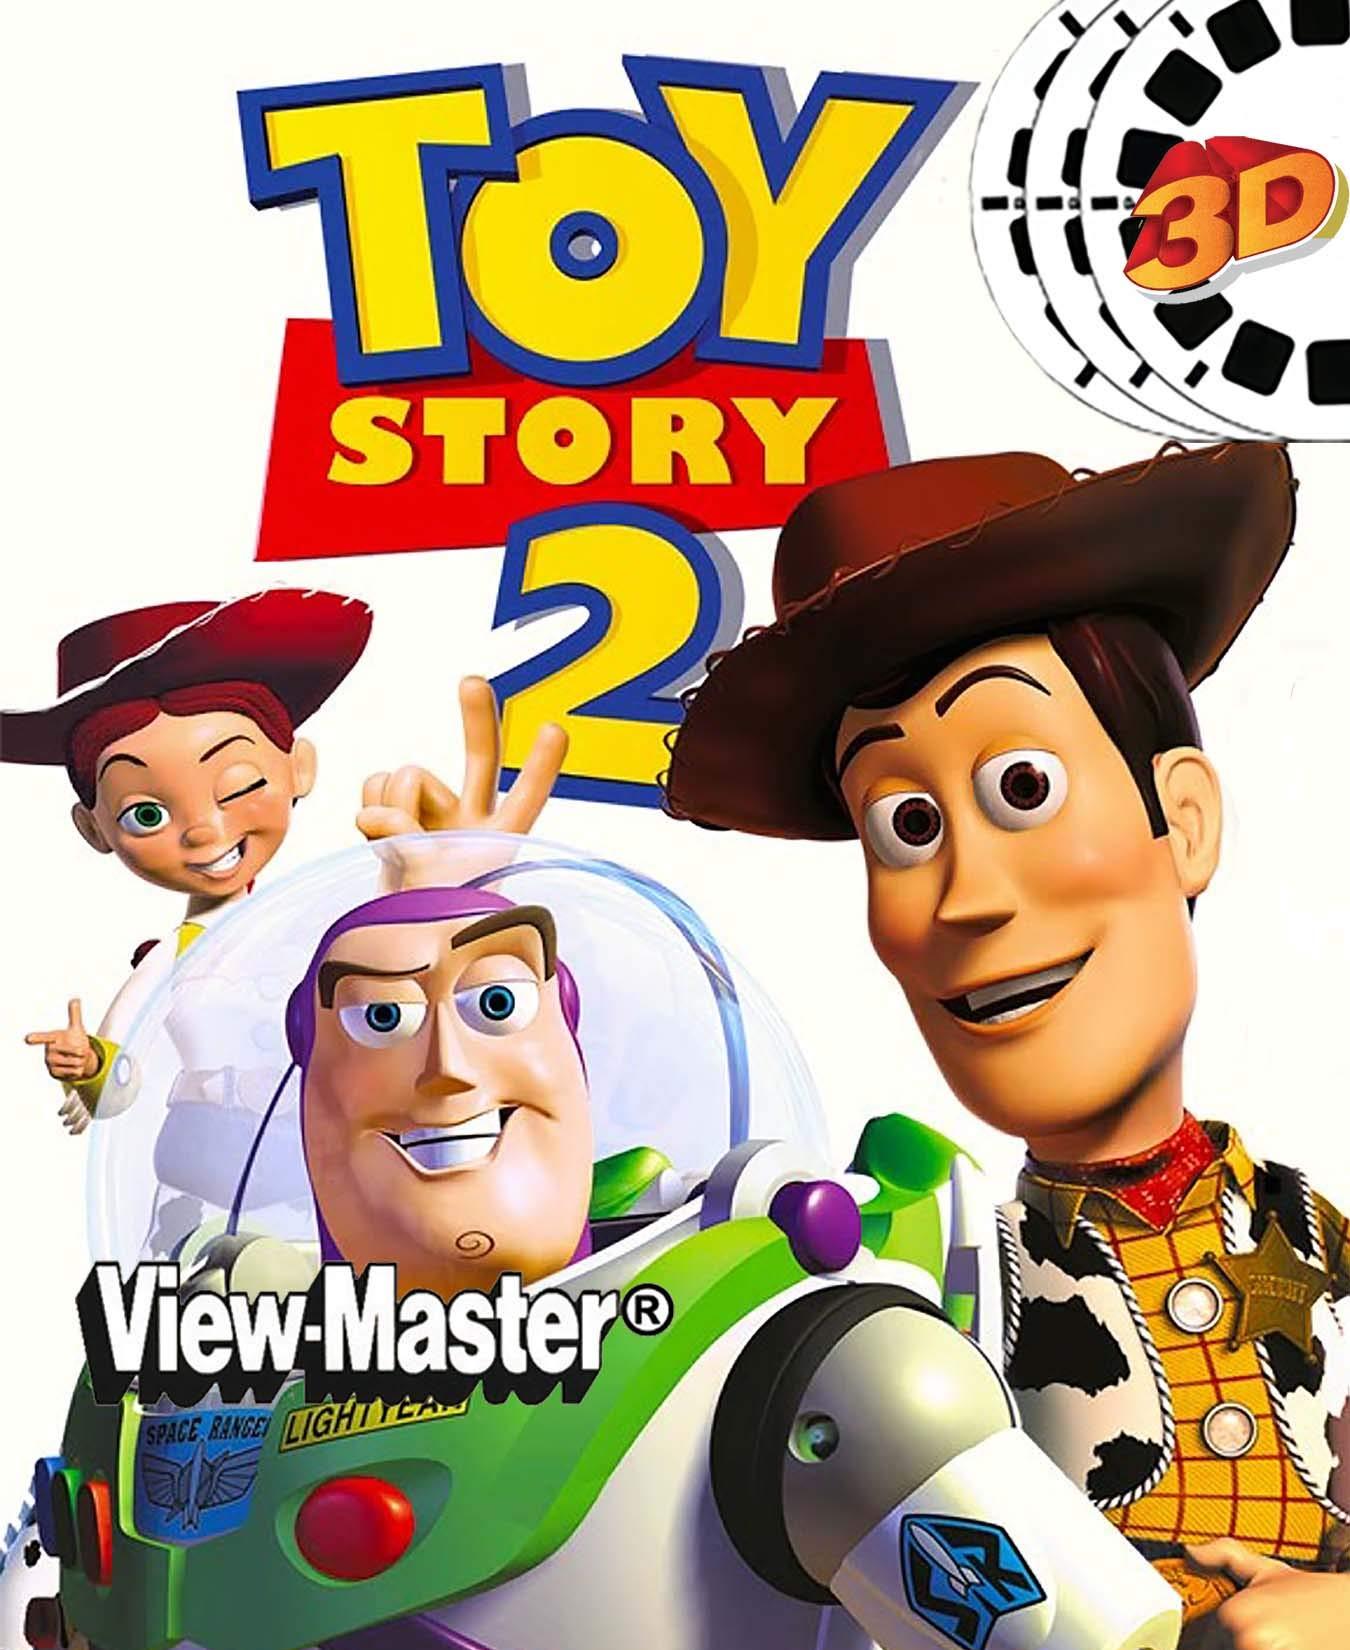 ViewMaster 3D Reels - Disney Pixar Toy Story 2 set